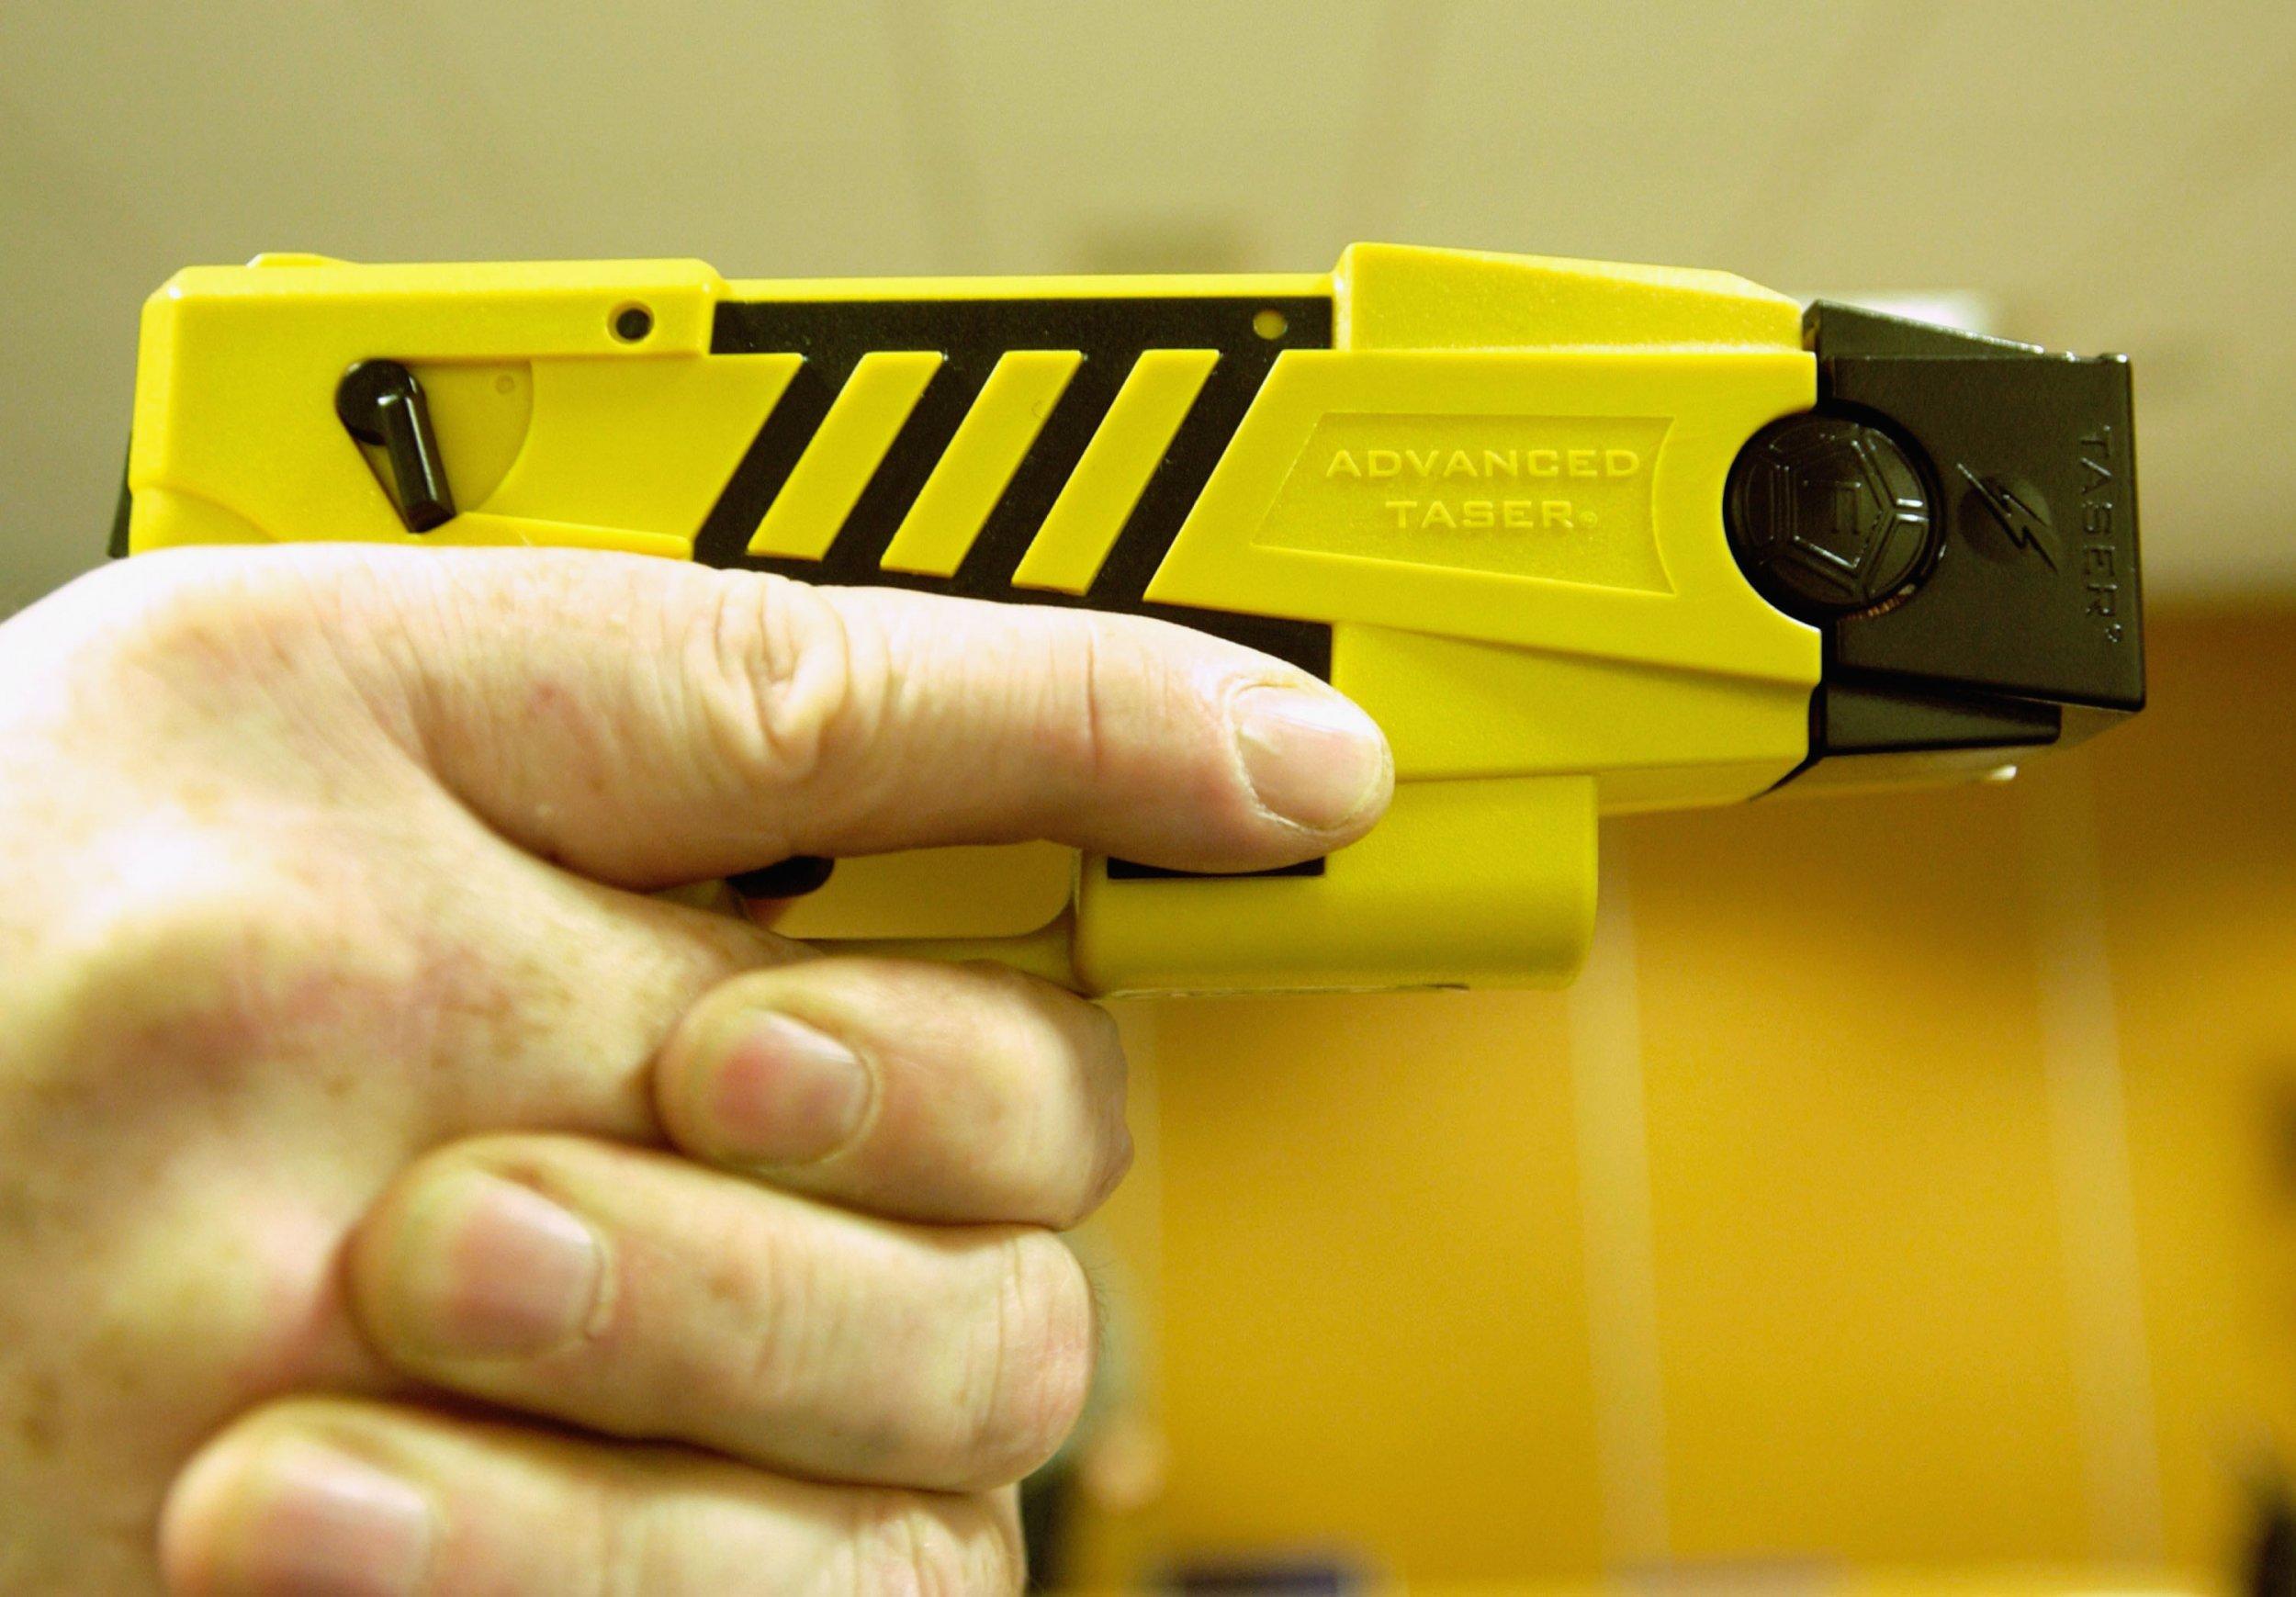 birmingham alabama police taser 11 year old boy, gun found during arrest